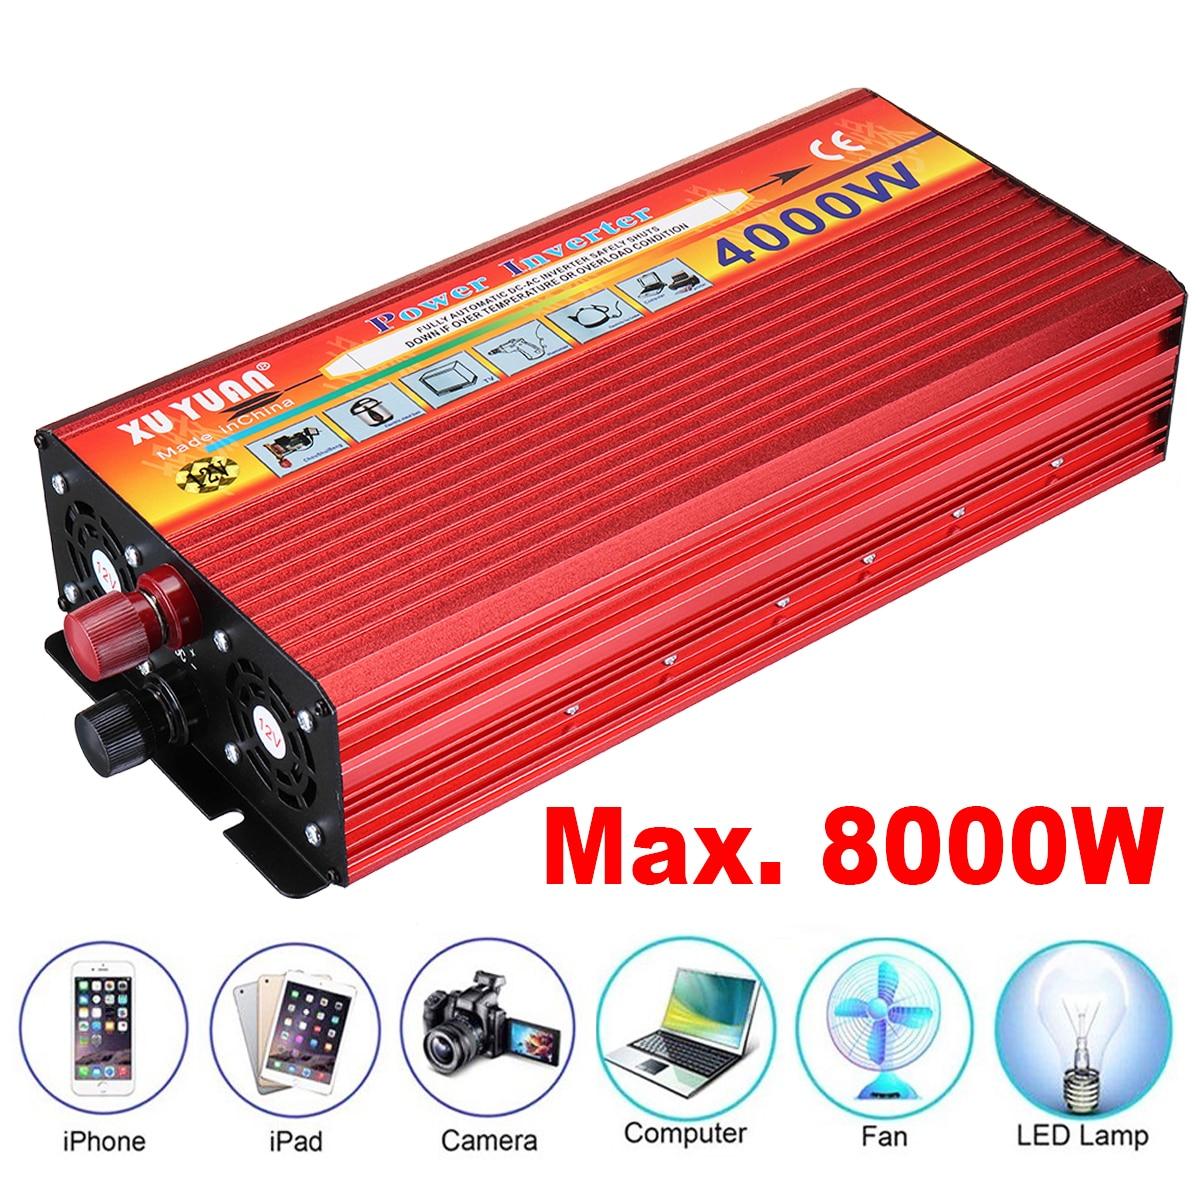 4000 w Portable Inverseur De Voiture Aotomatic Interrupteur Auto Chargeur Kit Adaptateur DC 12 v To110V 240 v AC Tension transformateur Convertisseur